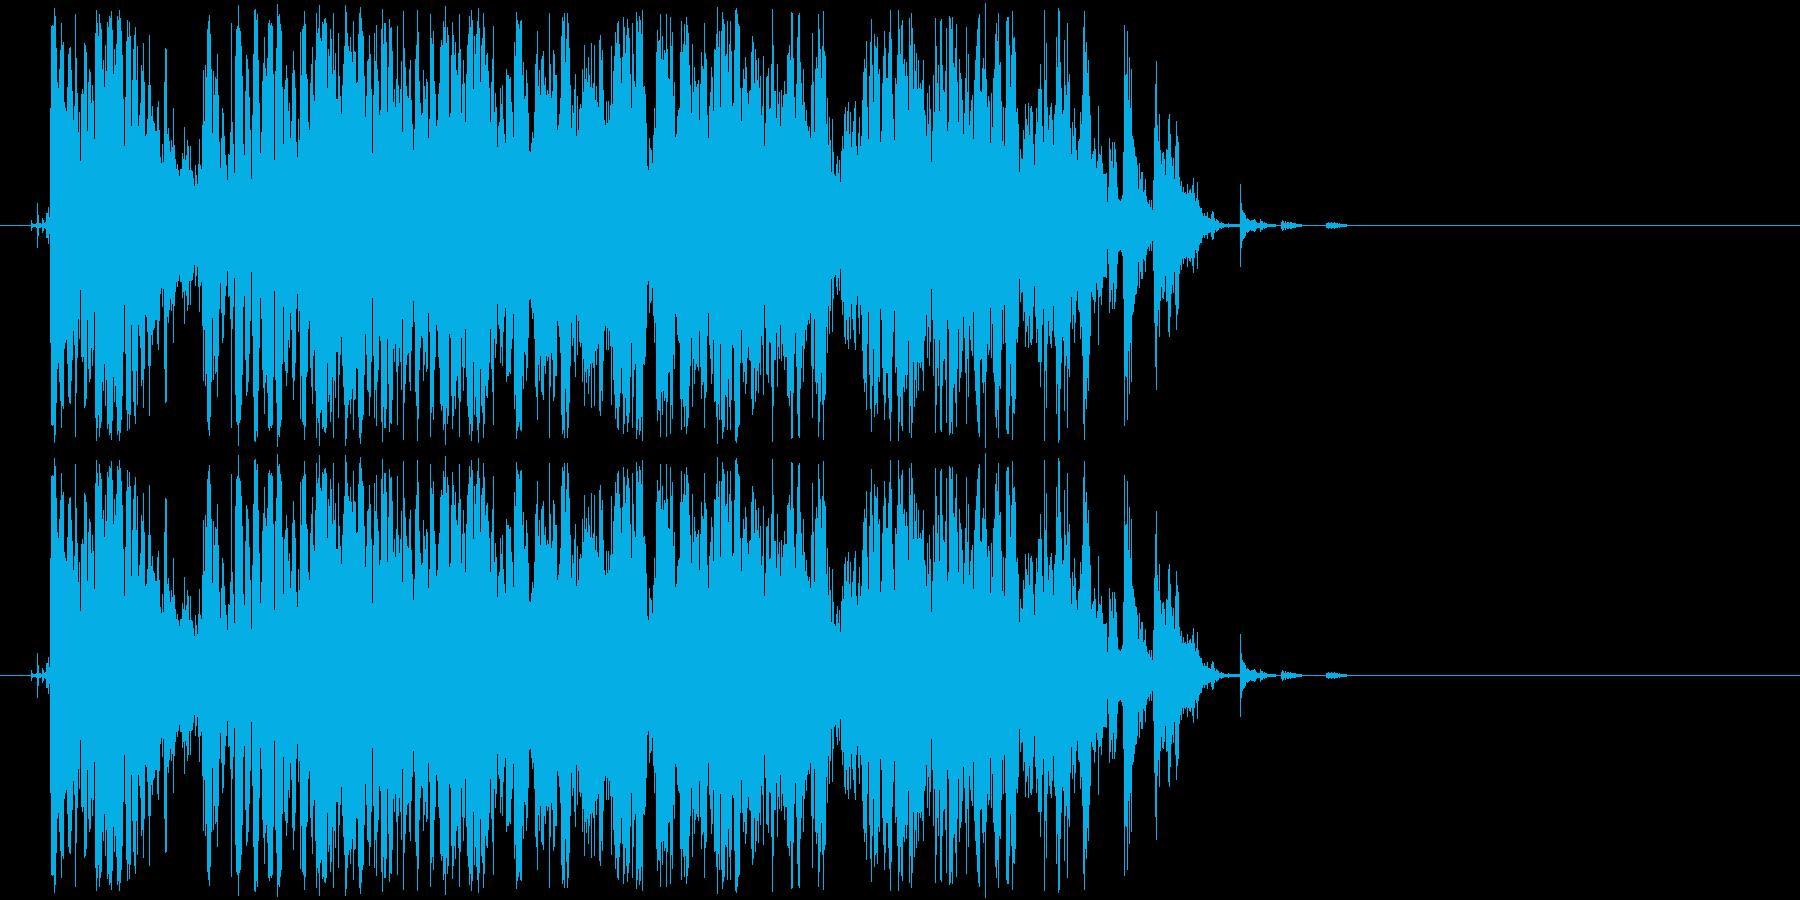 コンコロコロコロコロ・・(金属、ボール)の再生済みの波形